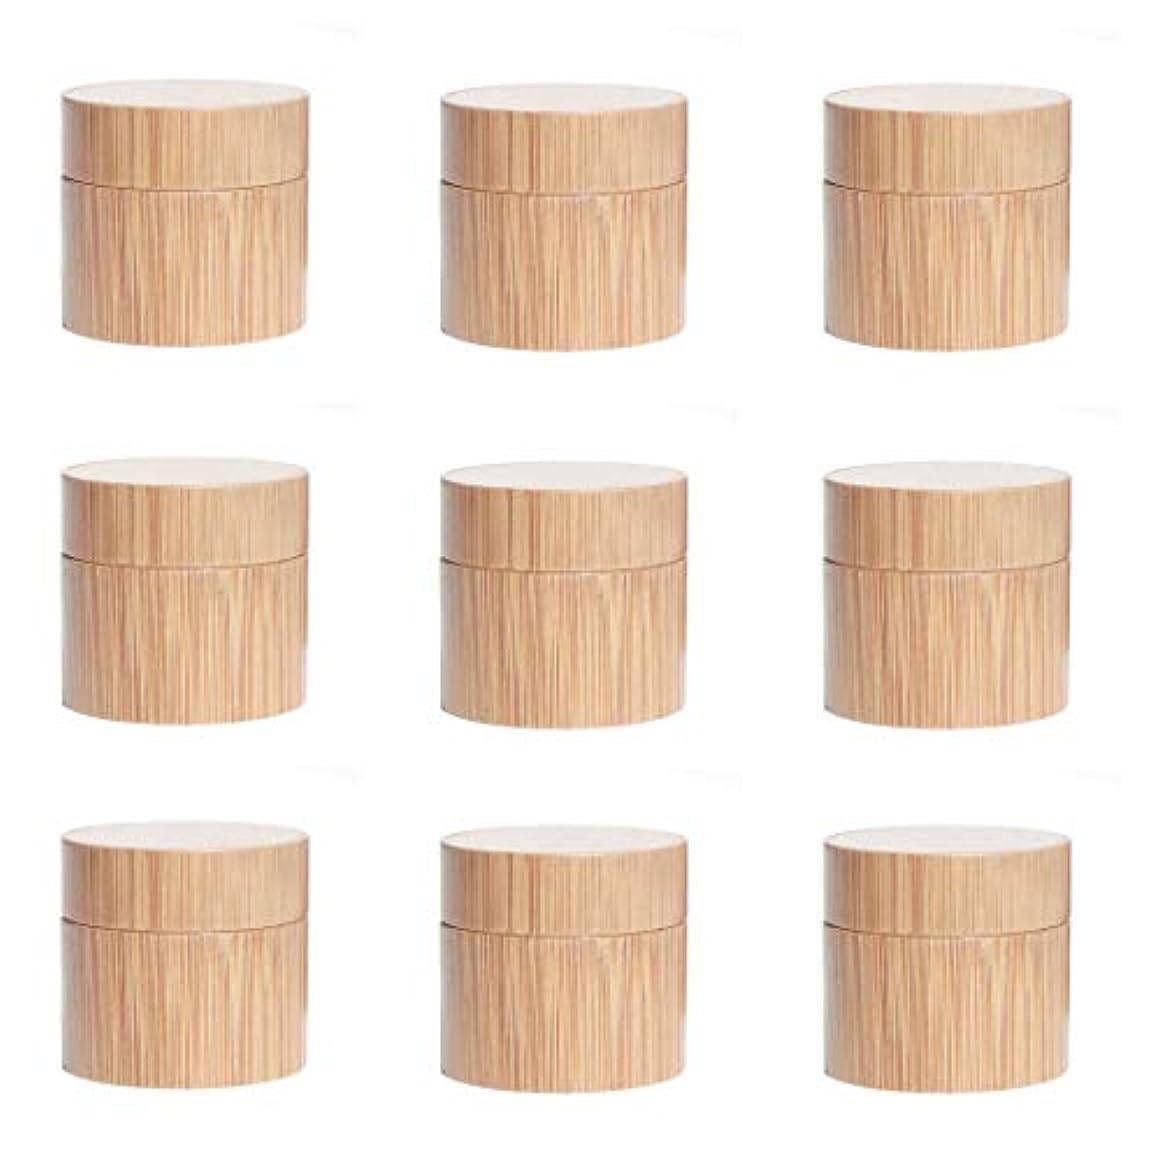 レジ外側吹きさらしYiteng スポイト遮光瓶 アロマオイル 精油 香水やアロマの保存 遮光瓶 小分け用 保存 詰替え 竹製 9本セット (10g)